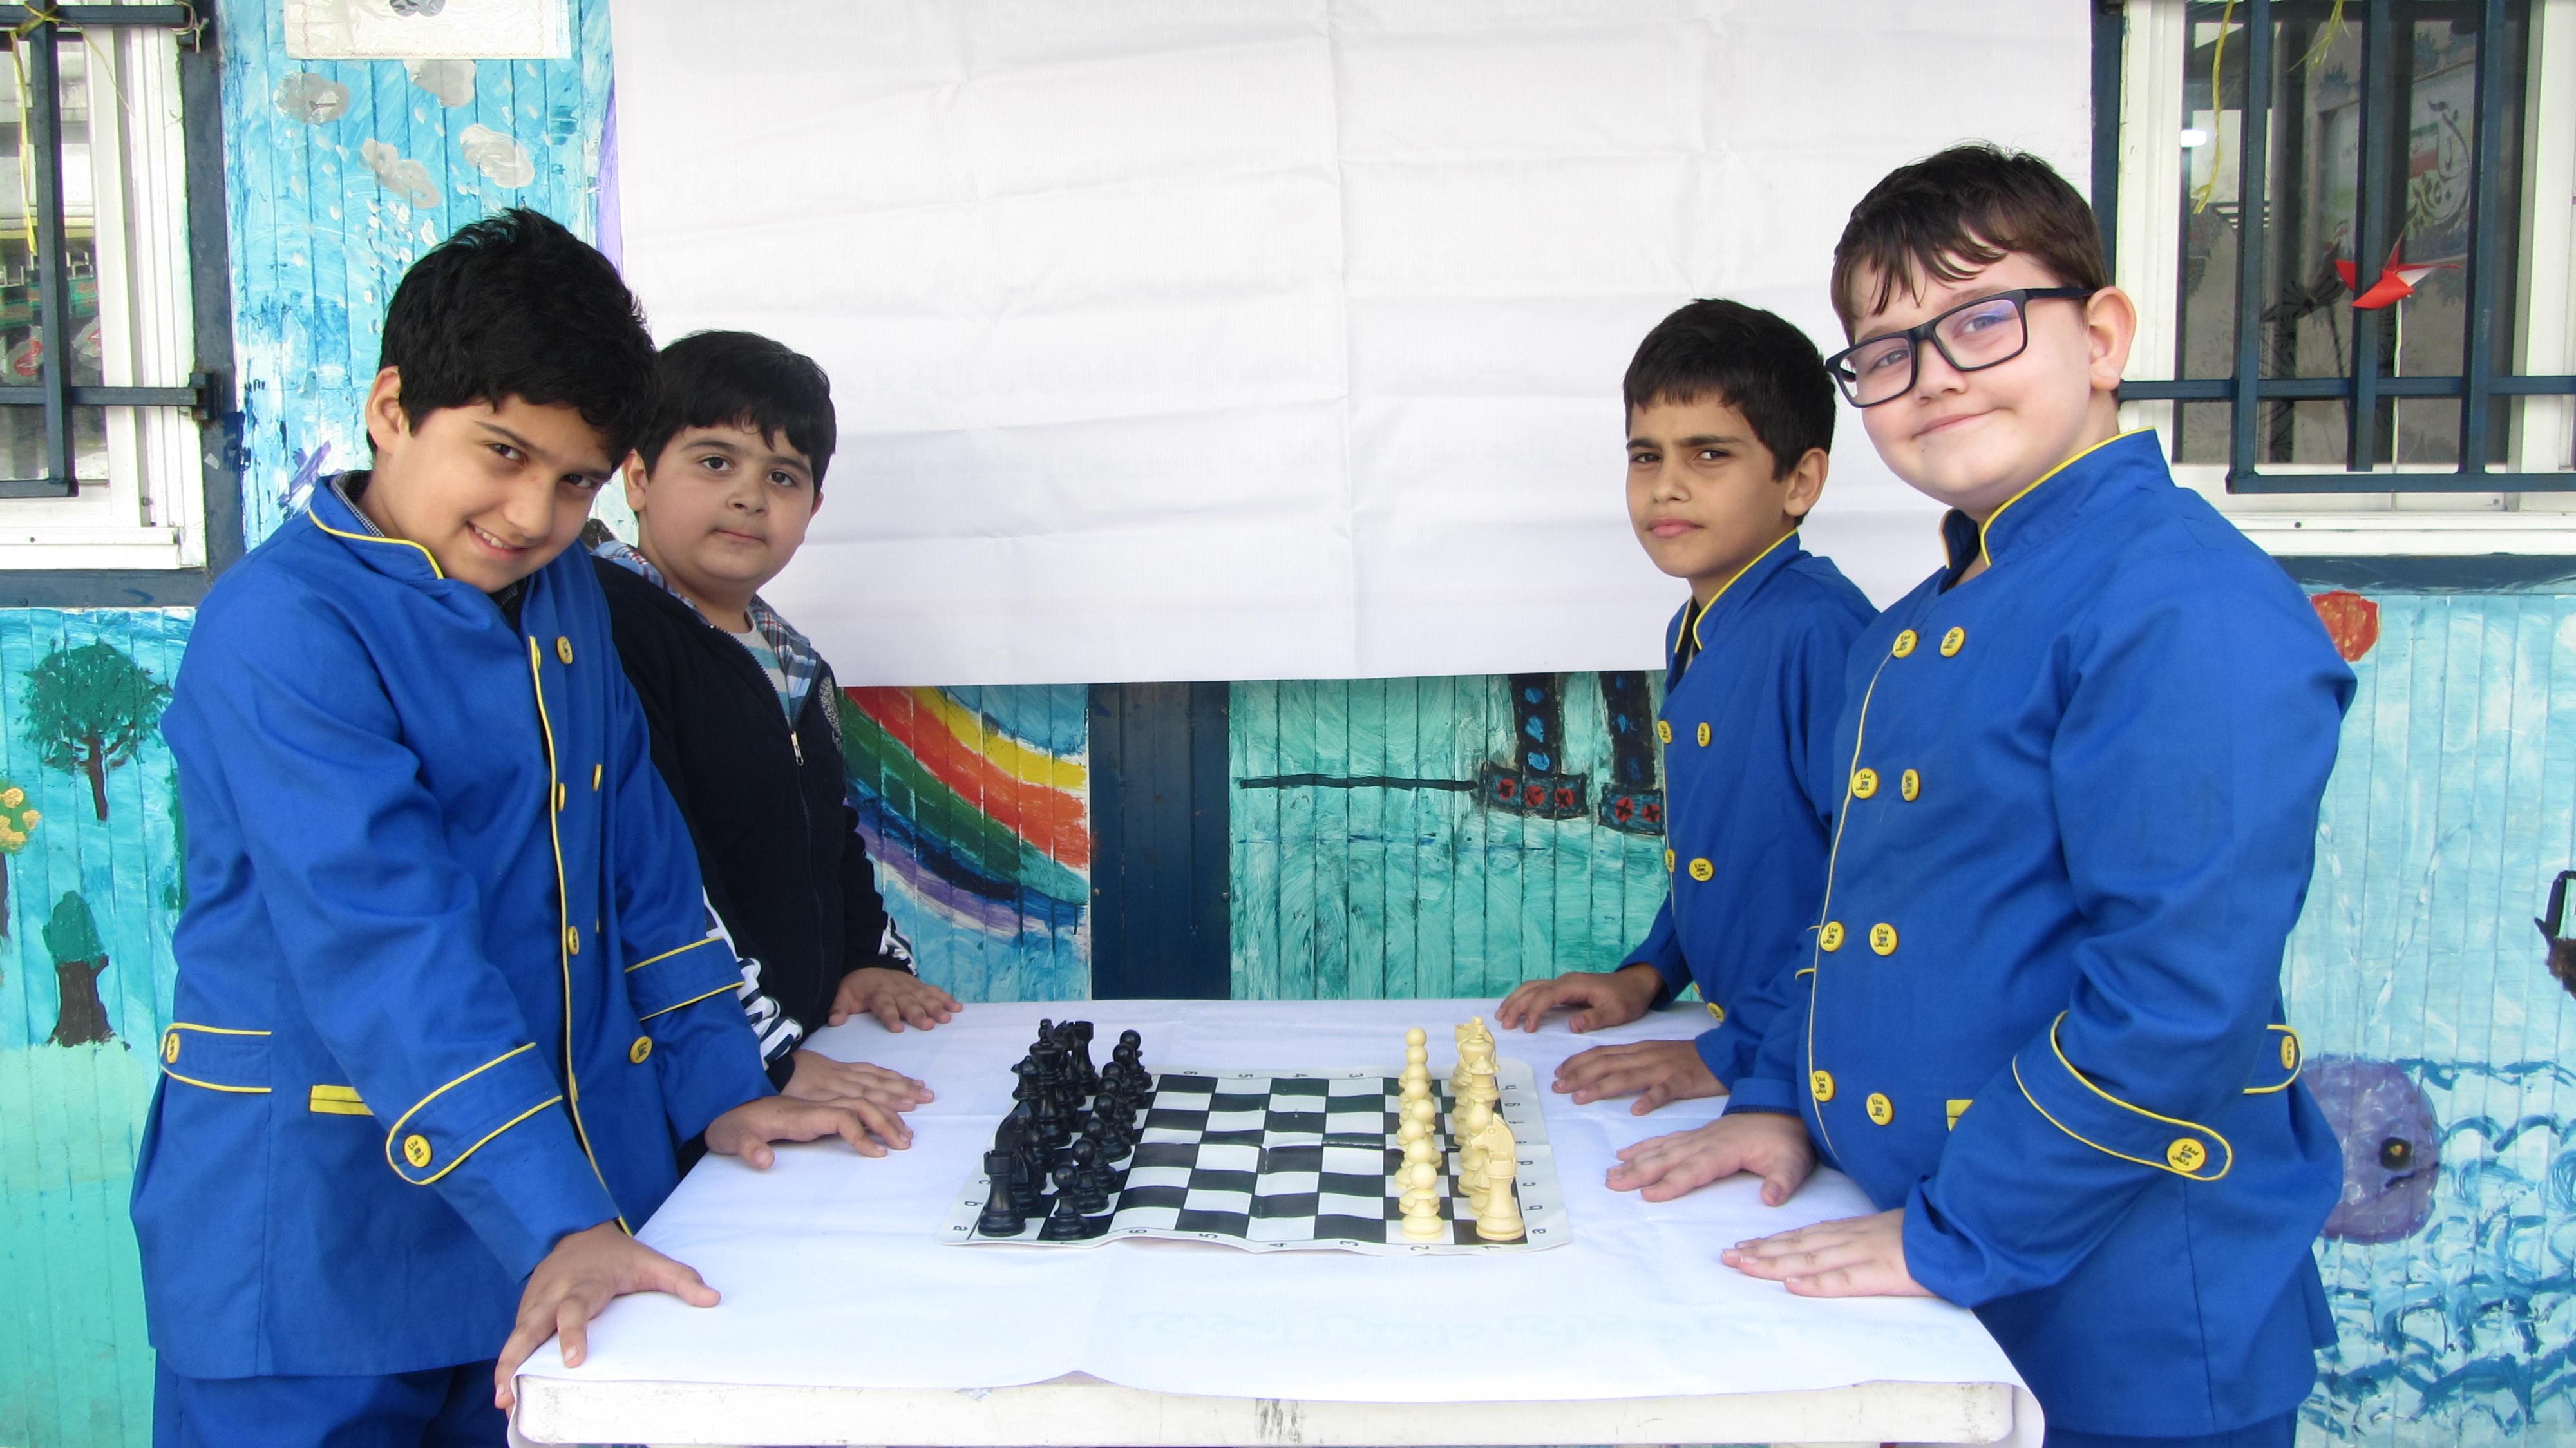 رقابت های داغ و پرهیجان شطرنج به فینال رسید